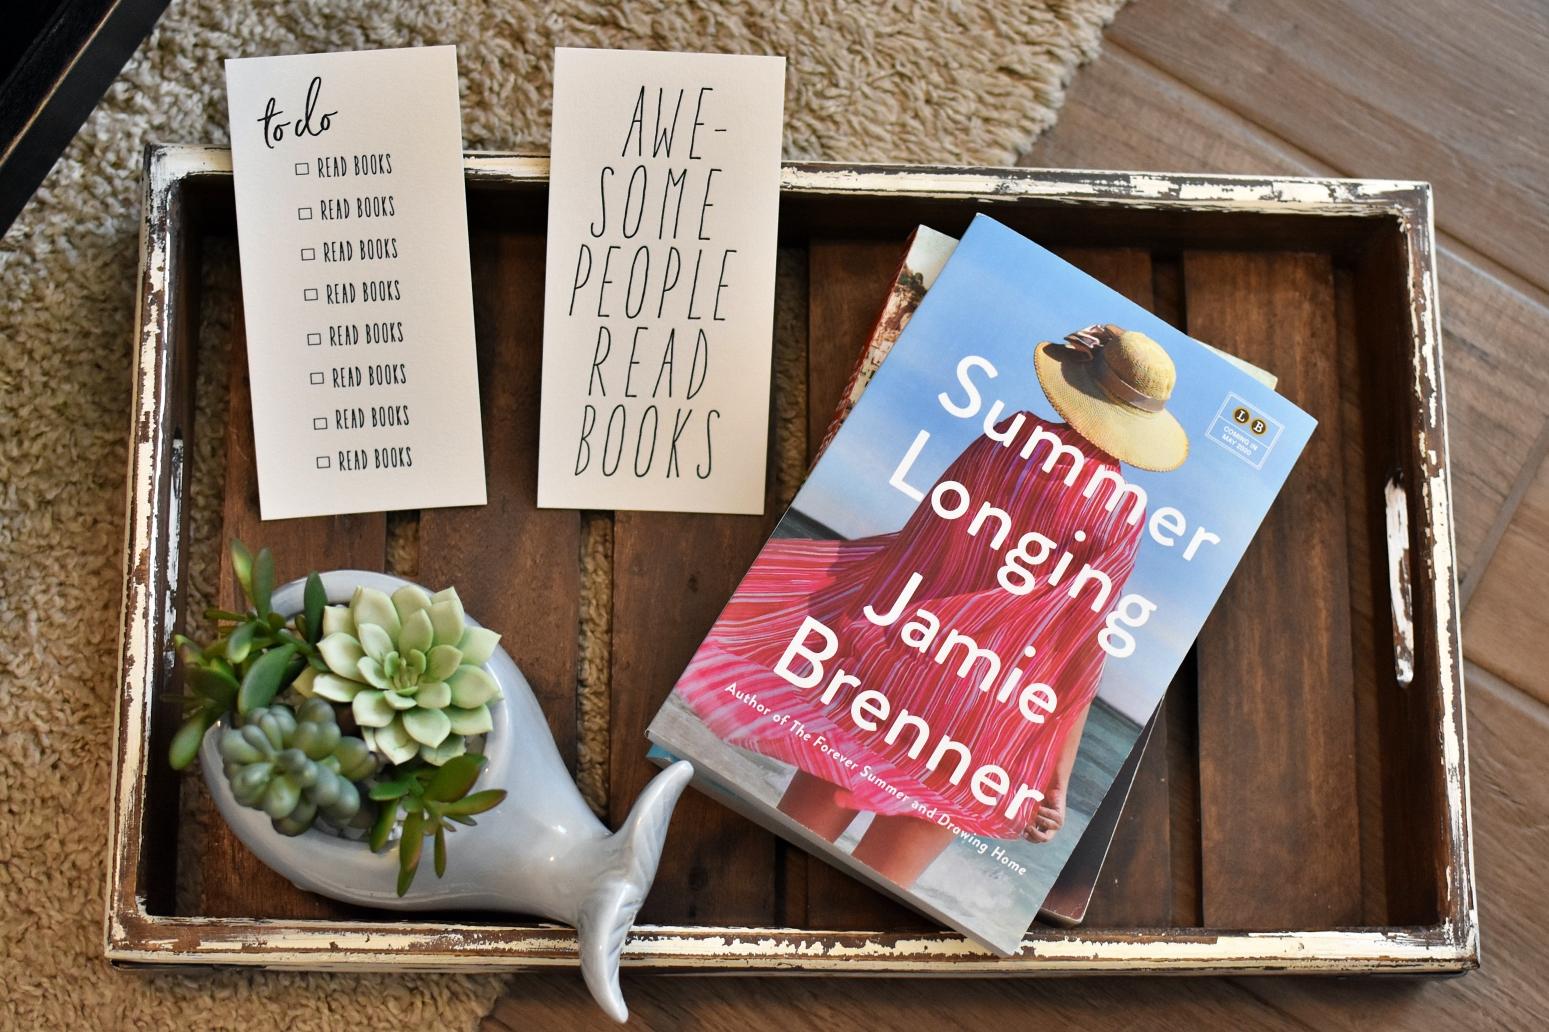 steel petal press bookmarks - book club chat